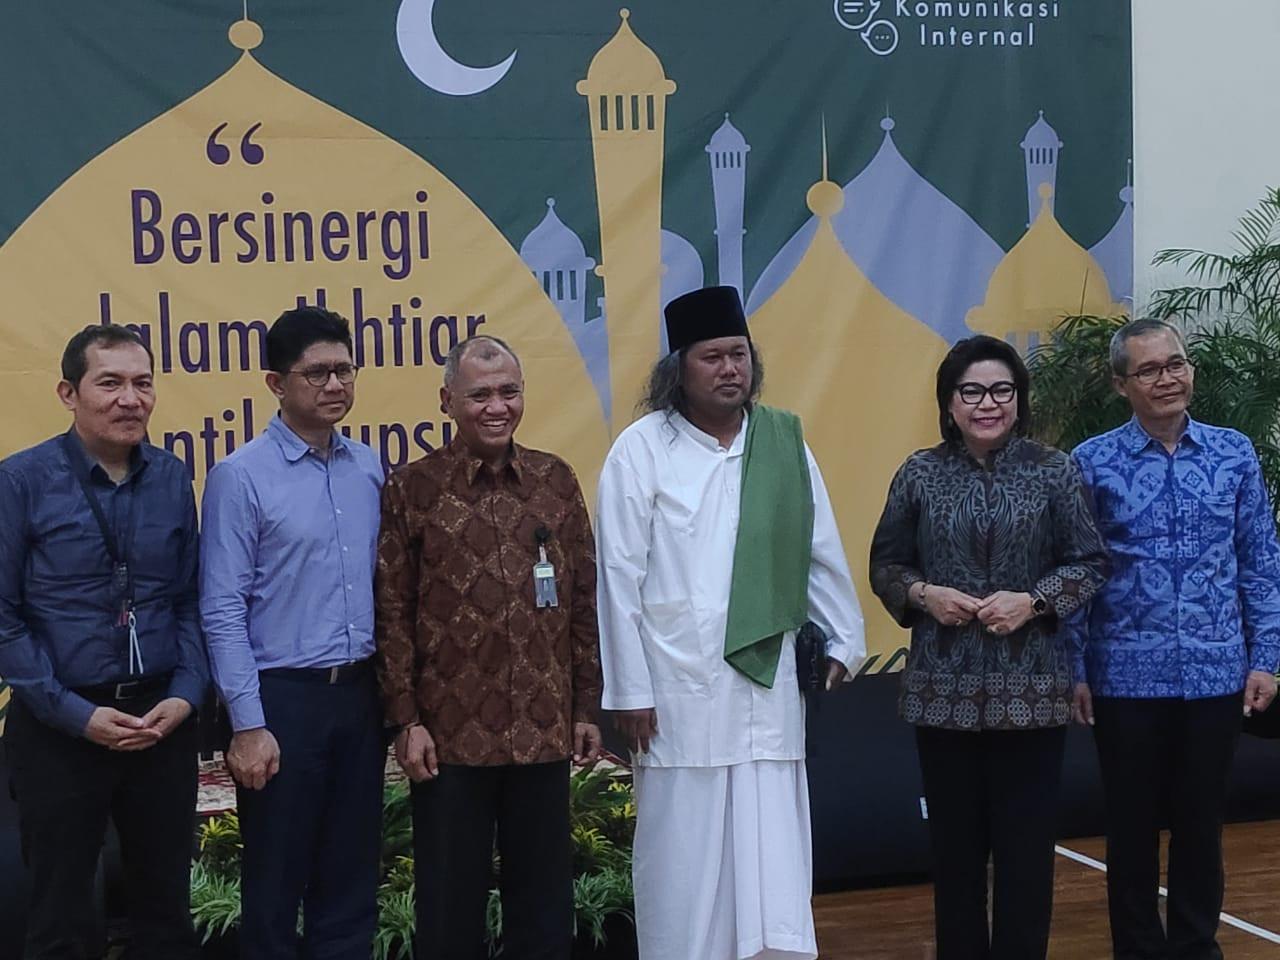 Ceramah di KPK, Gus Muwafiq Singgung Isu Taliban - JPNN.com